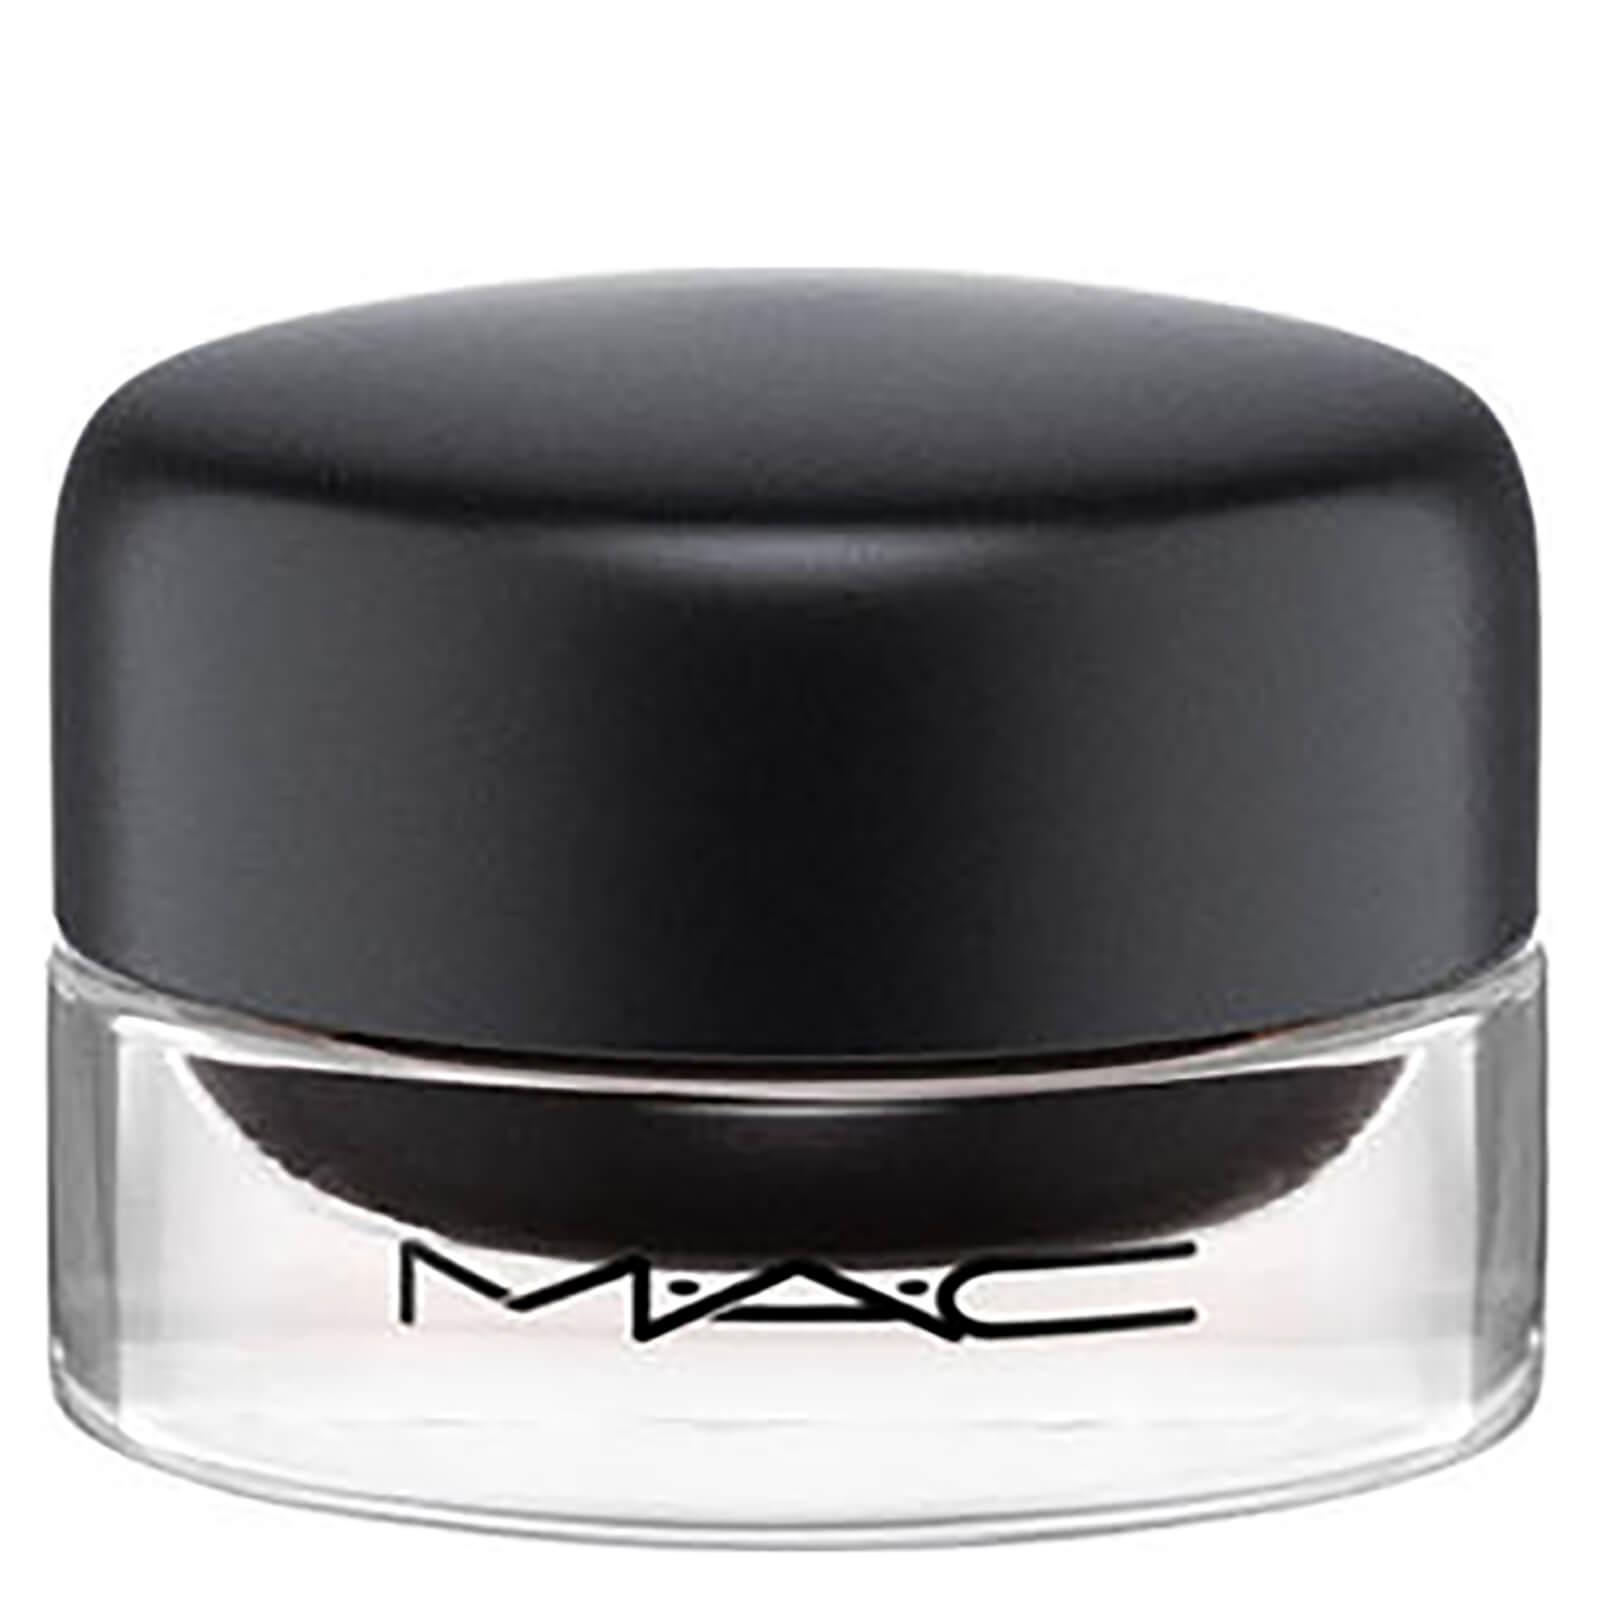 MAC Pro Longwear Fluidline Gel Liner (Various Shades) - Blacktrack